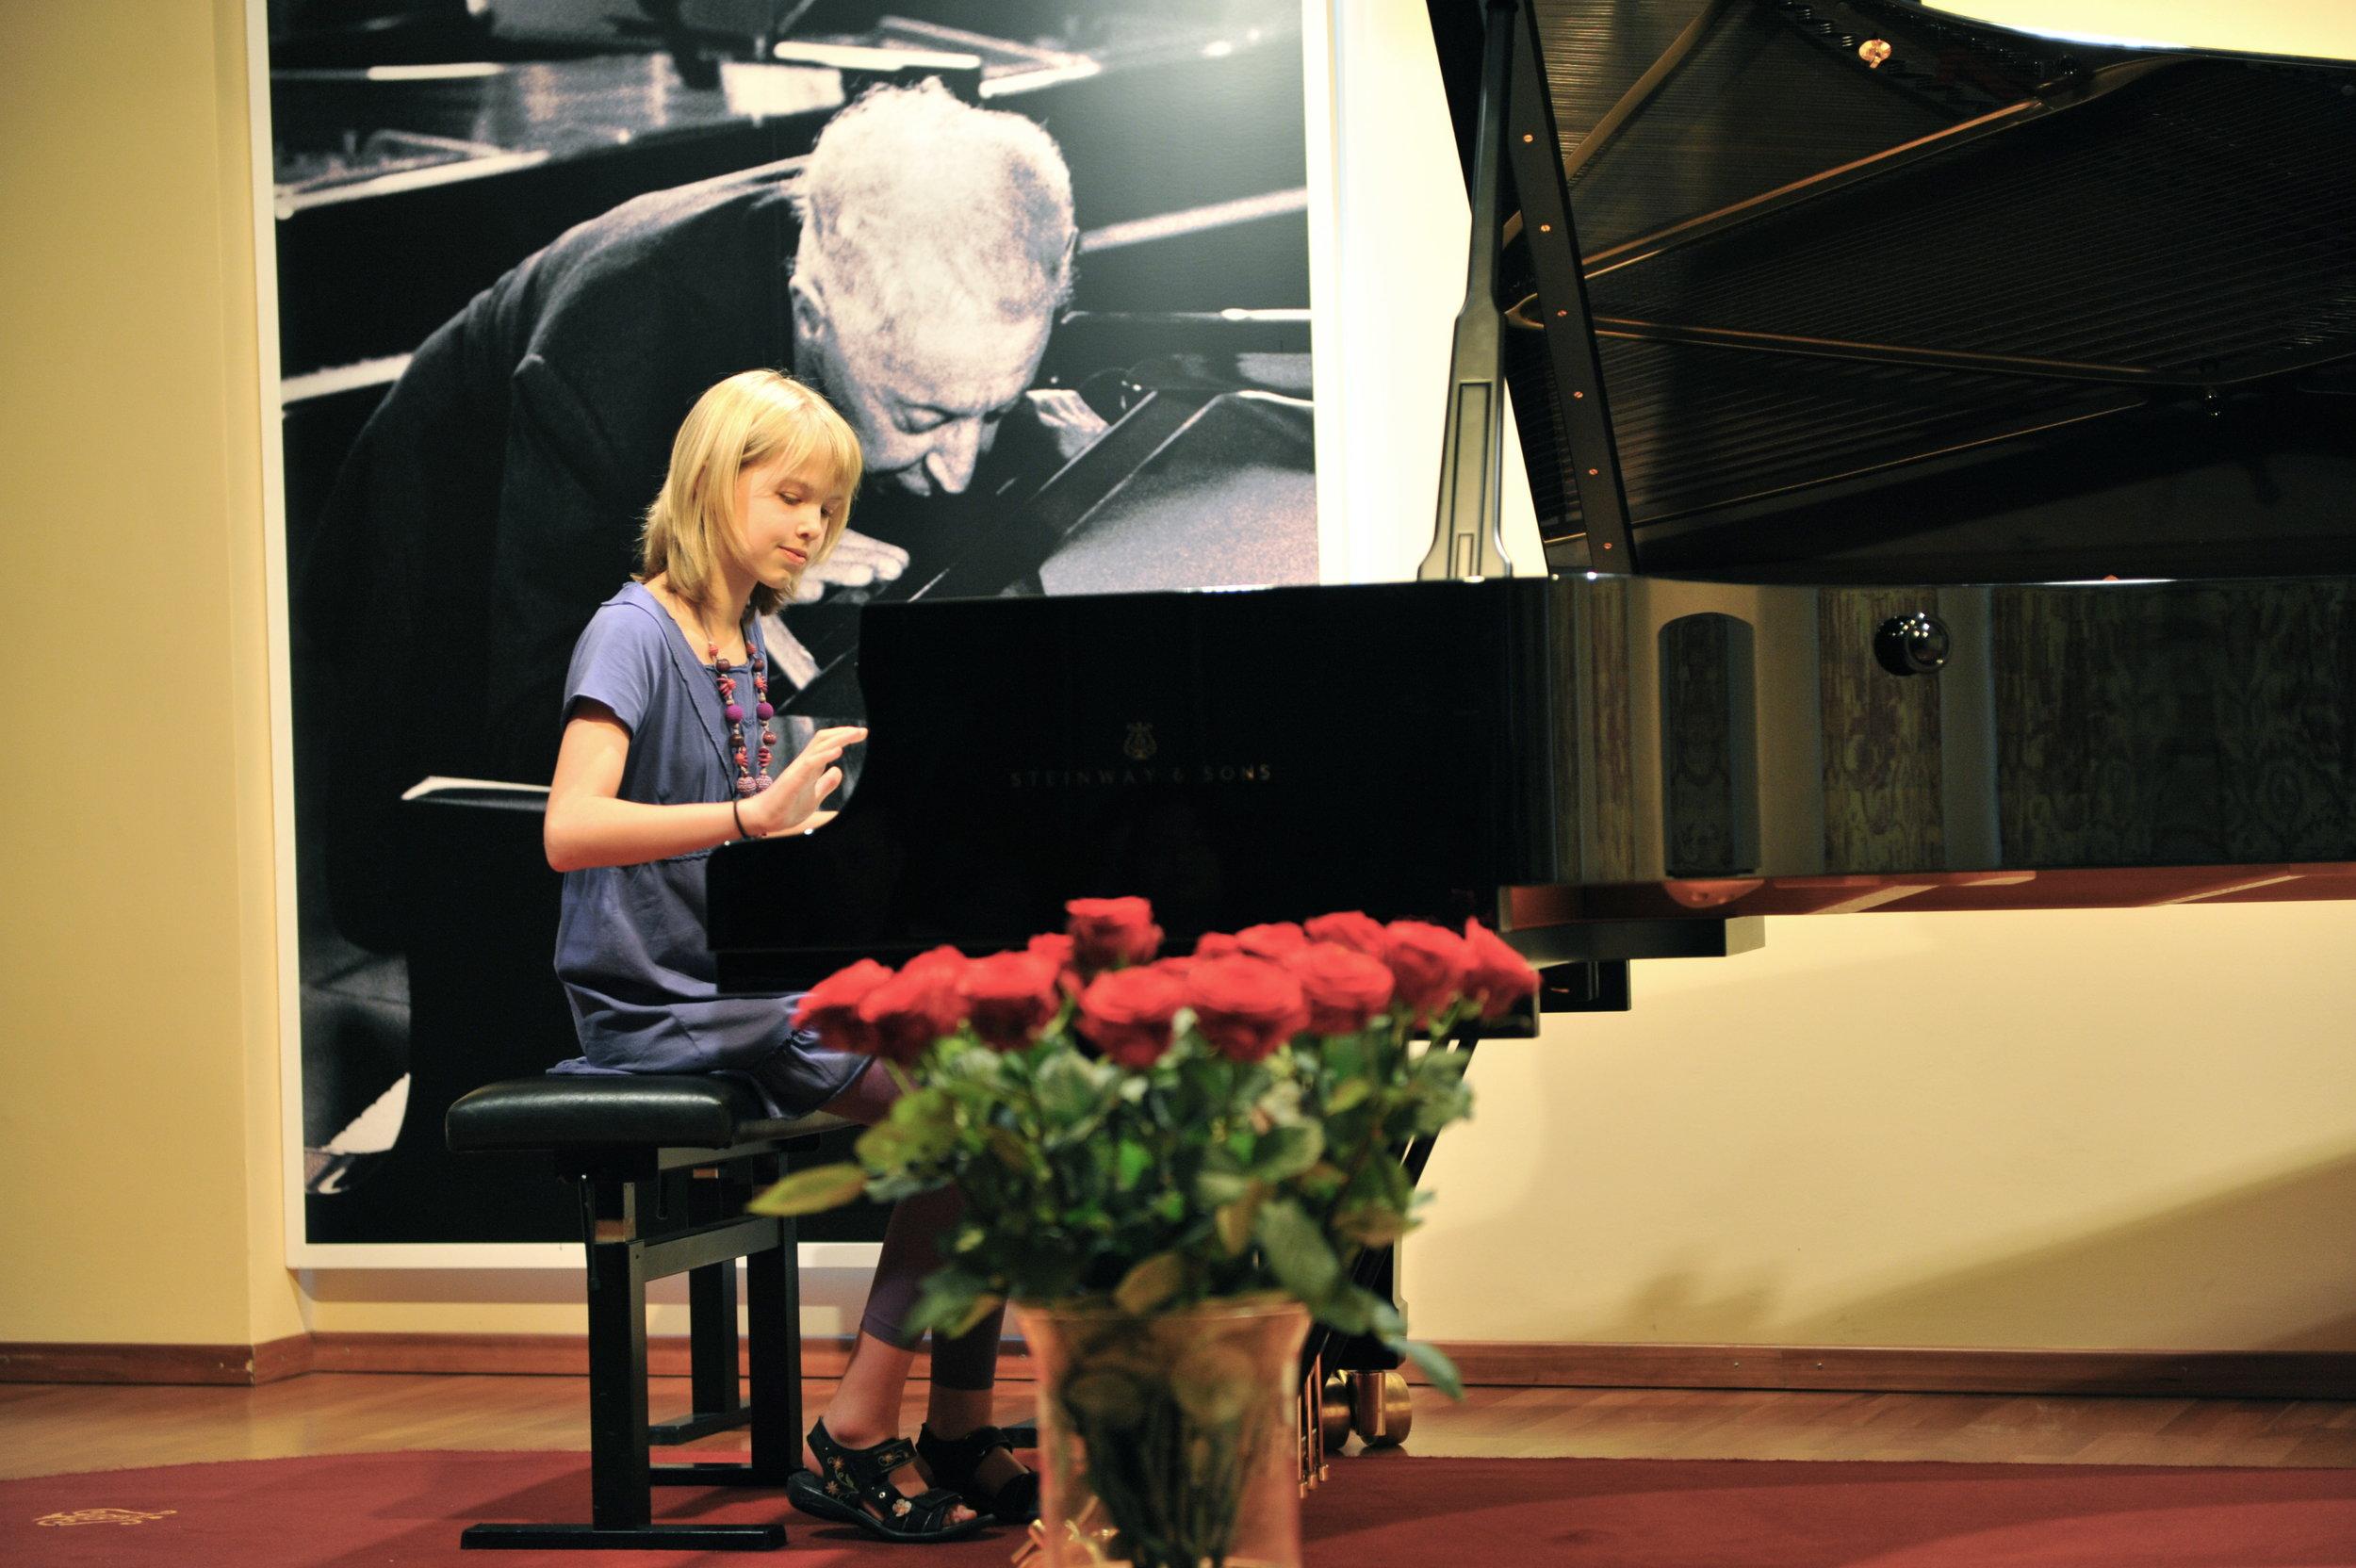 Klavierunterricht für Kinder - Kinder ab 5 JahrenSpielerisch und kreativ Klavier spielen lernenSehr leichte Einführung ins Notenlesen lernen